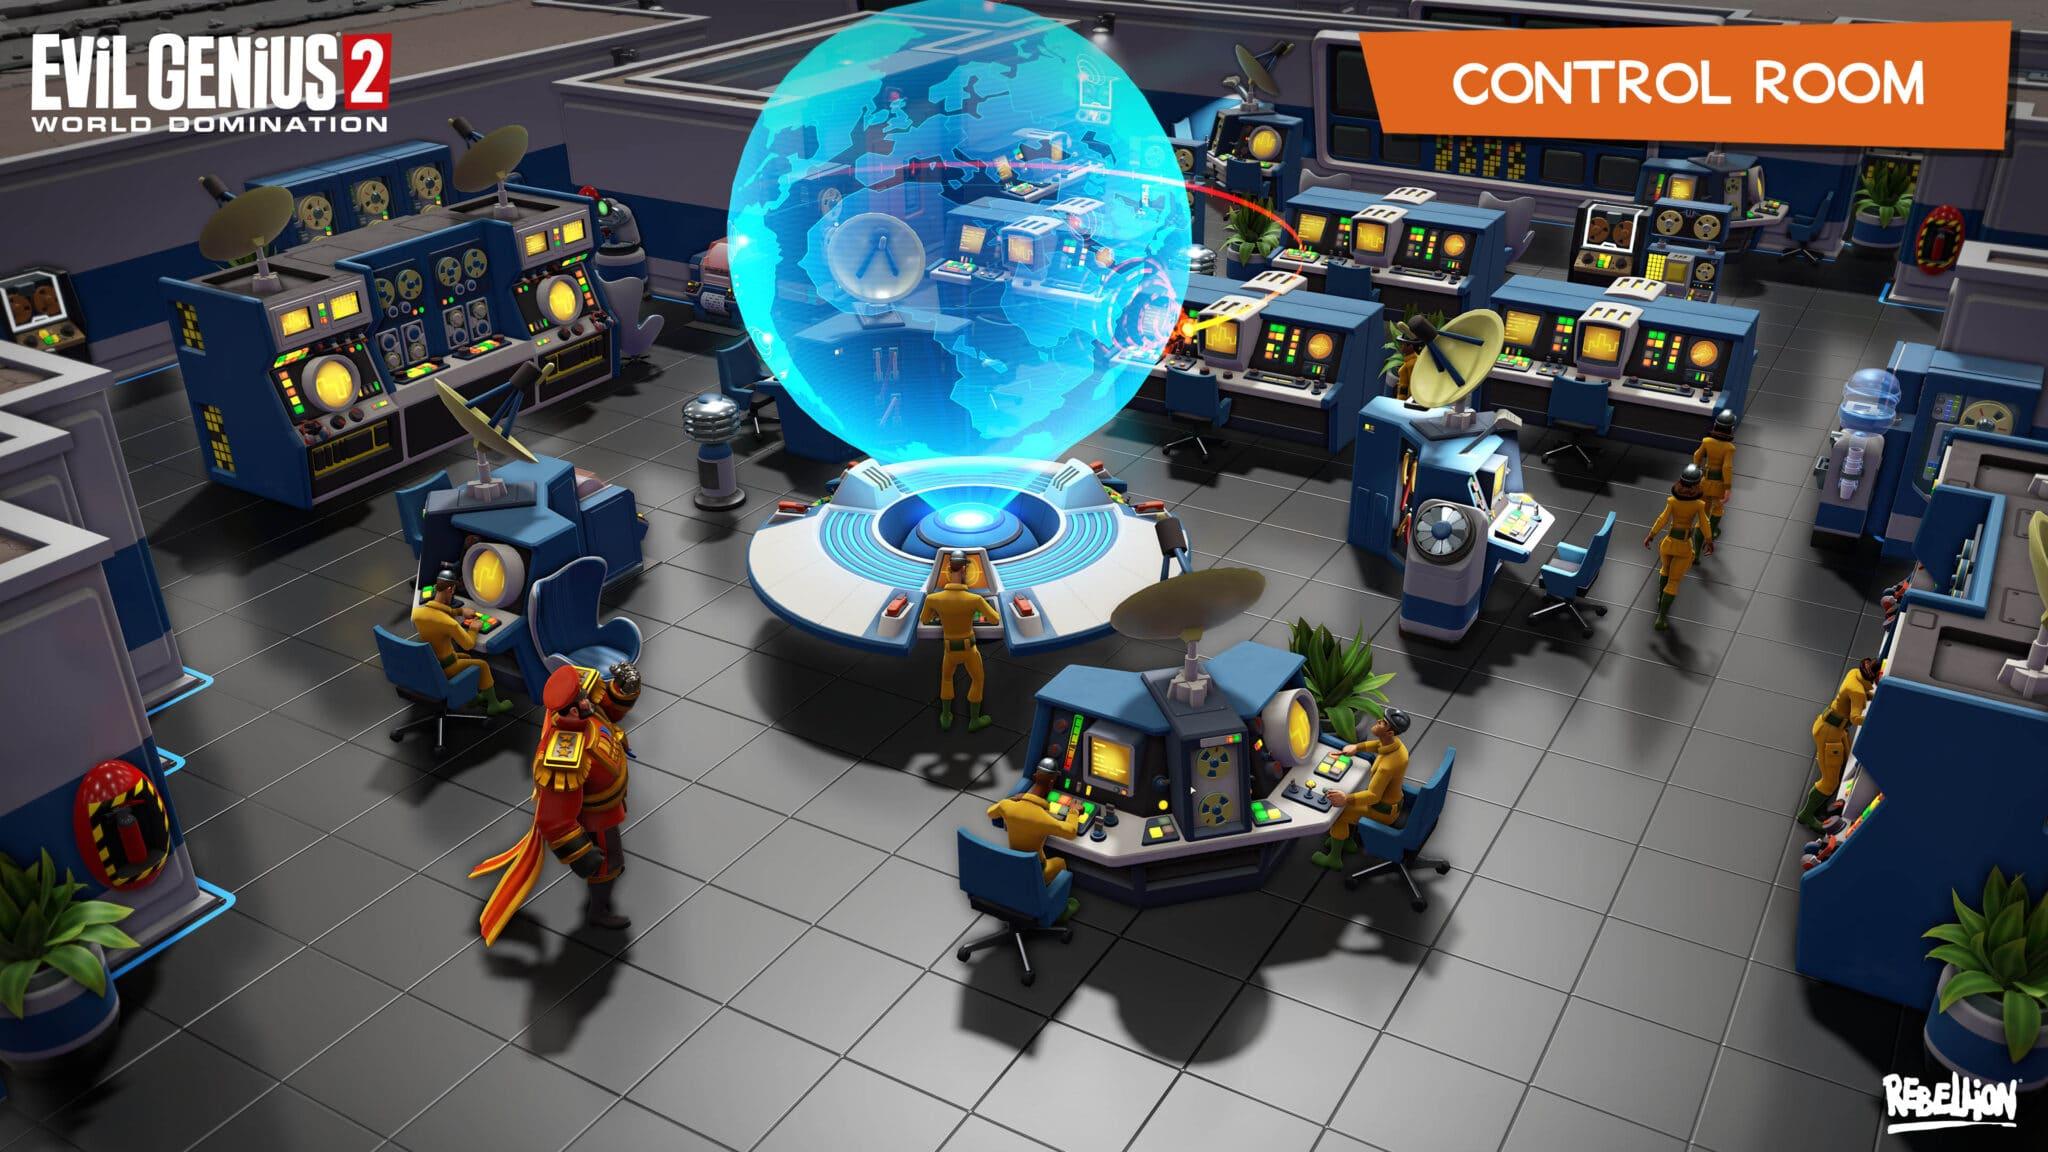 Evil Genius 2 - Control Room